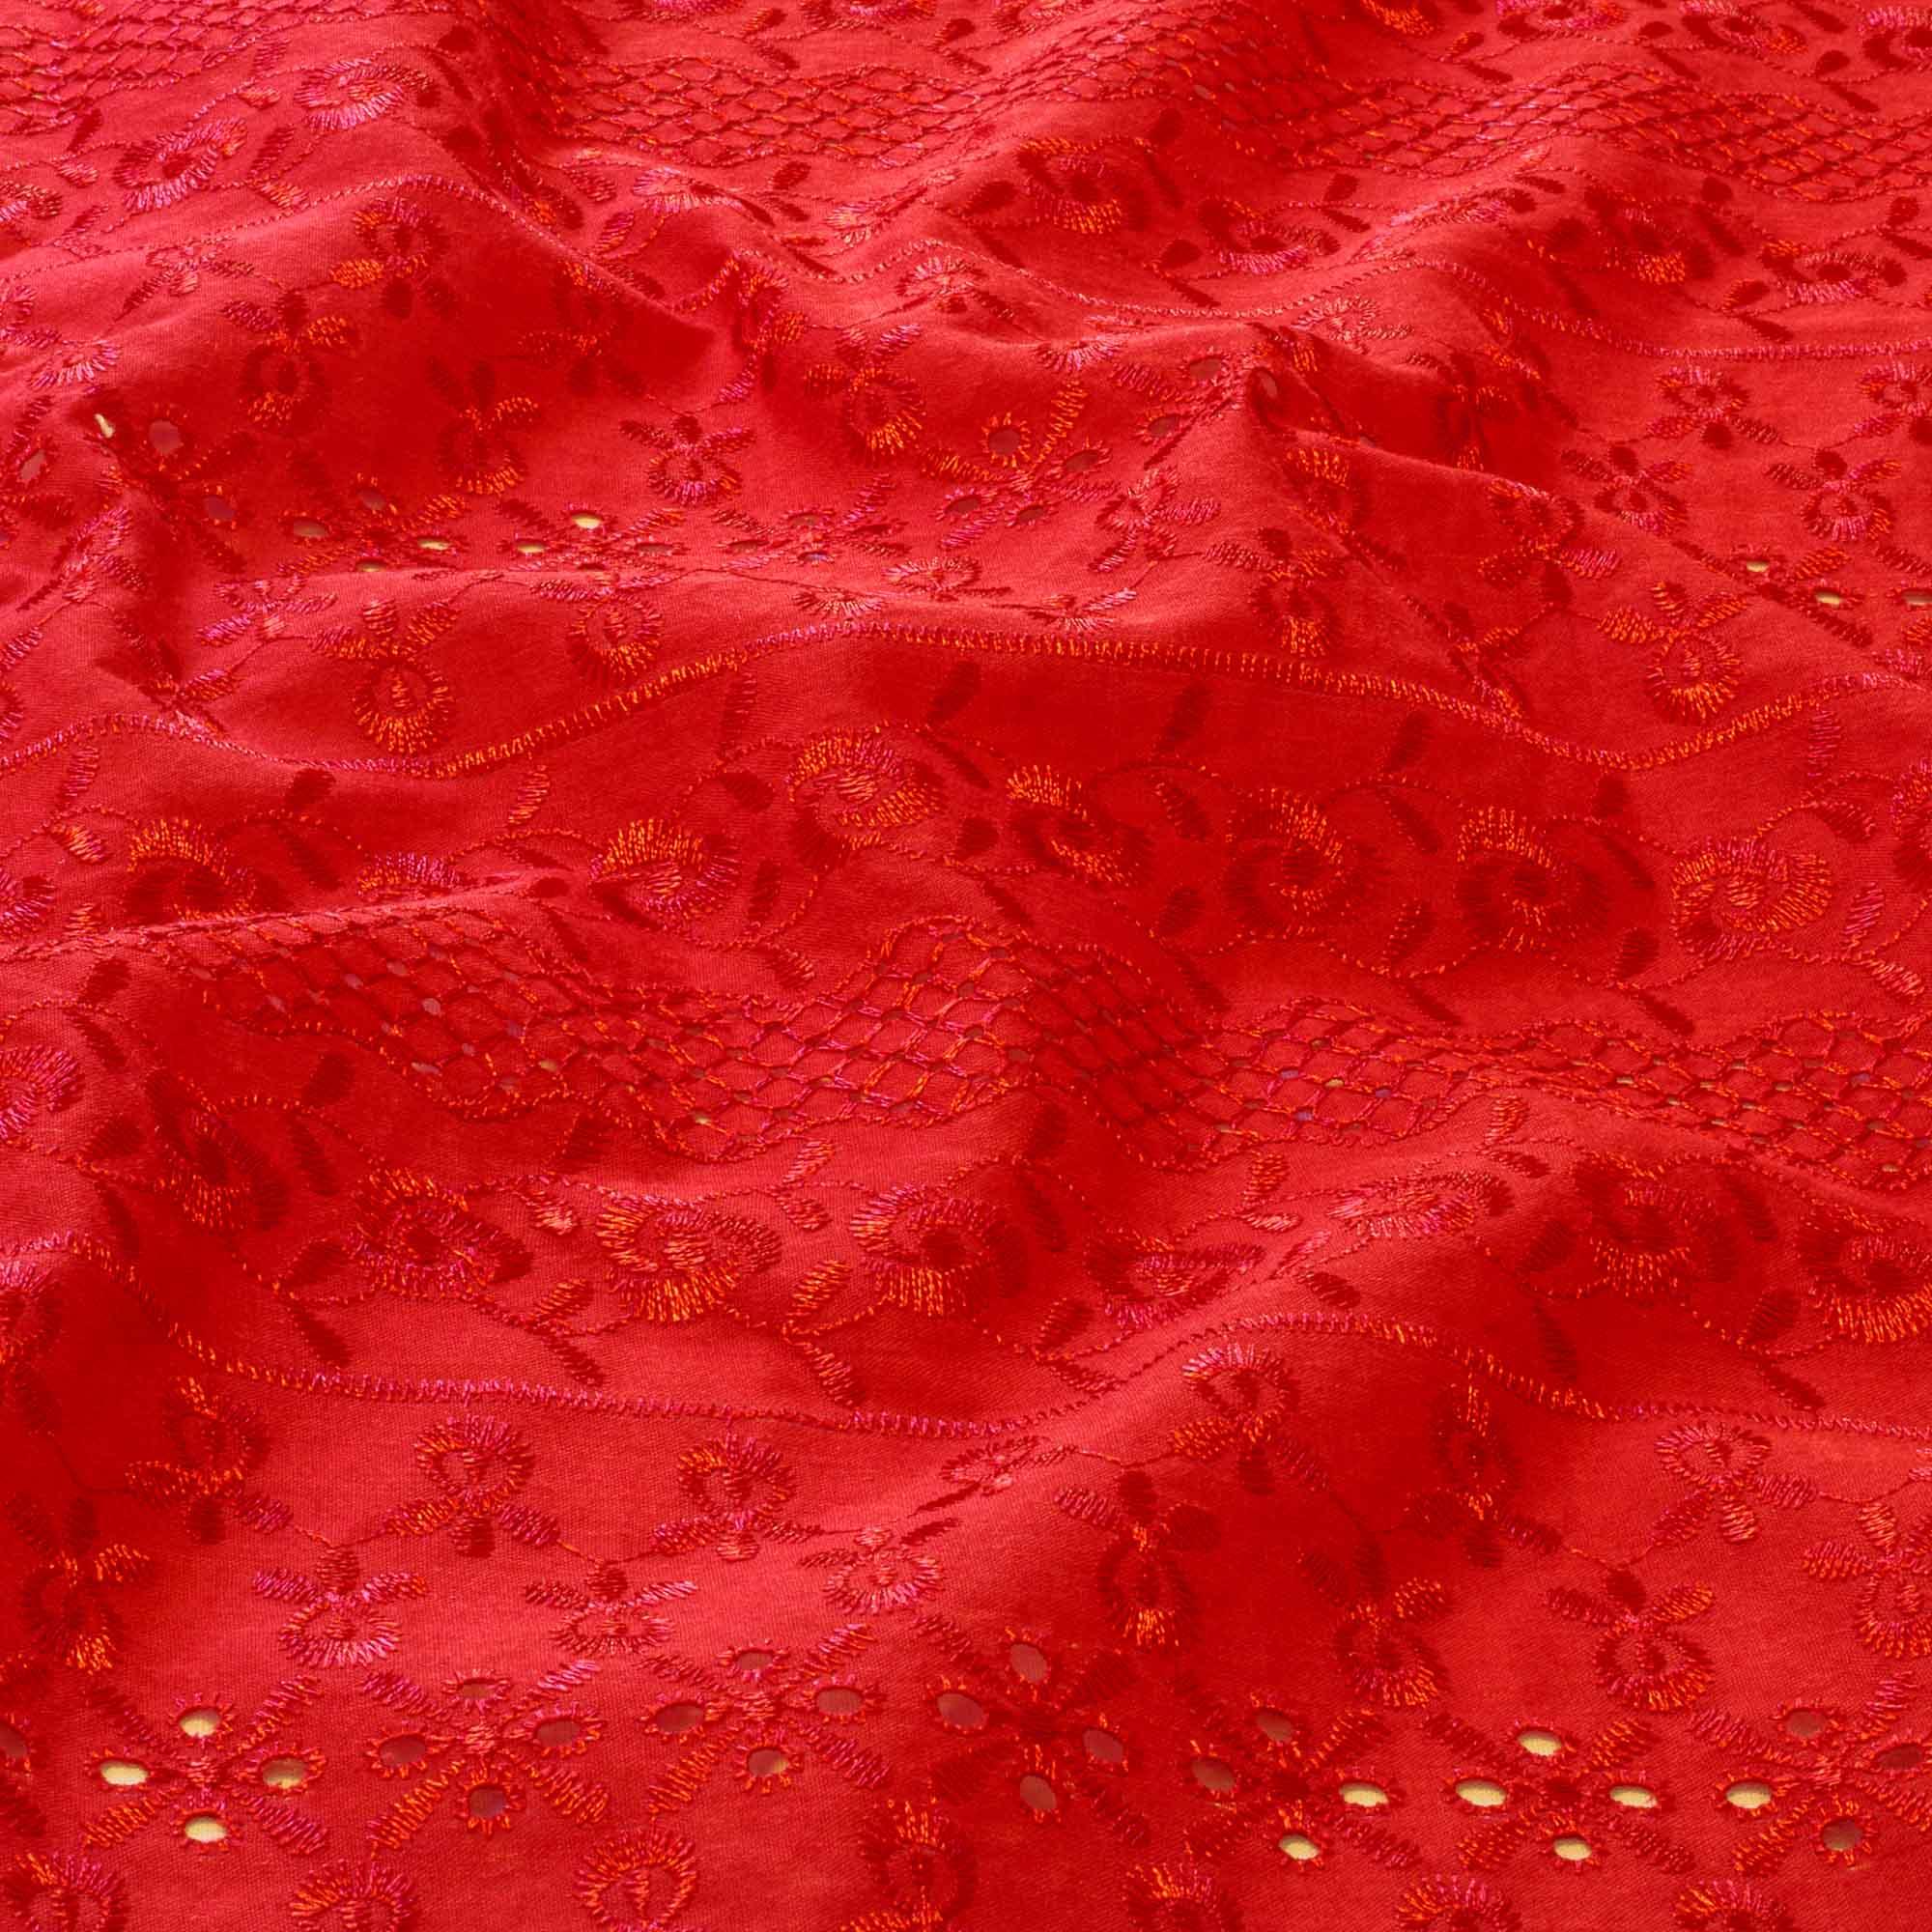 Tecido Laise 80% Poliéster 20% Algodão 1,40 Mt Largura Vermelho